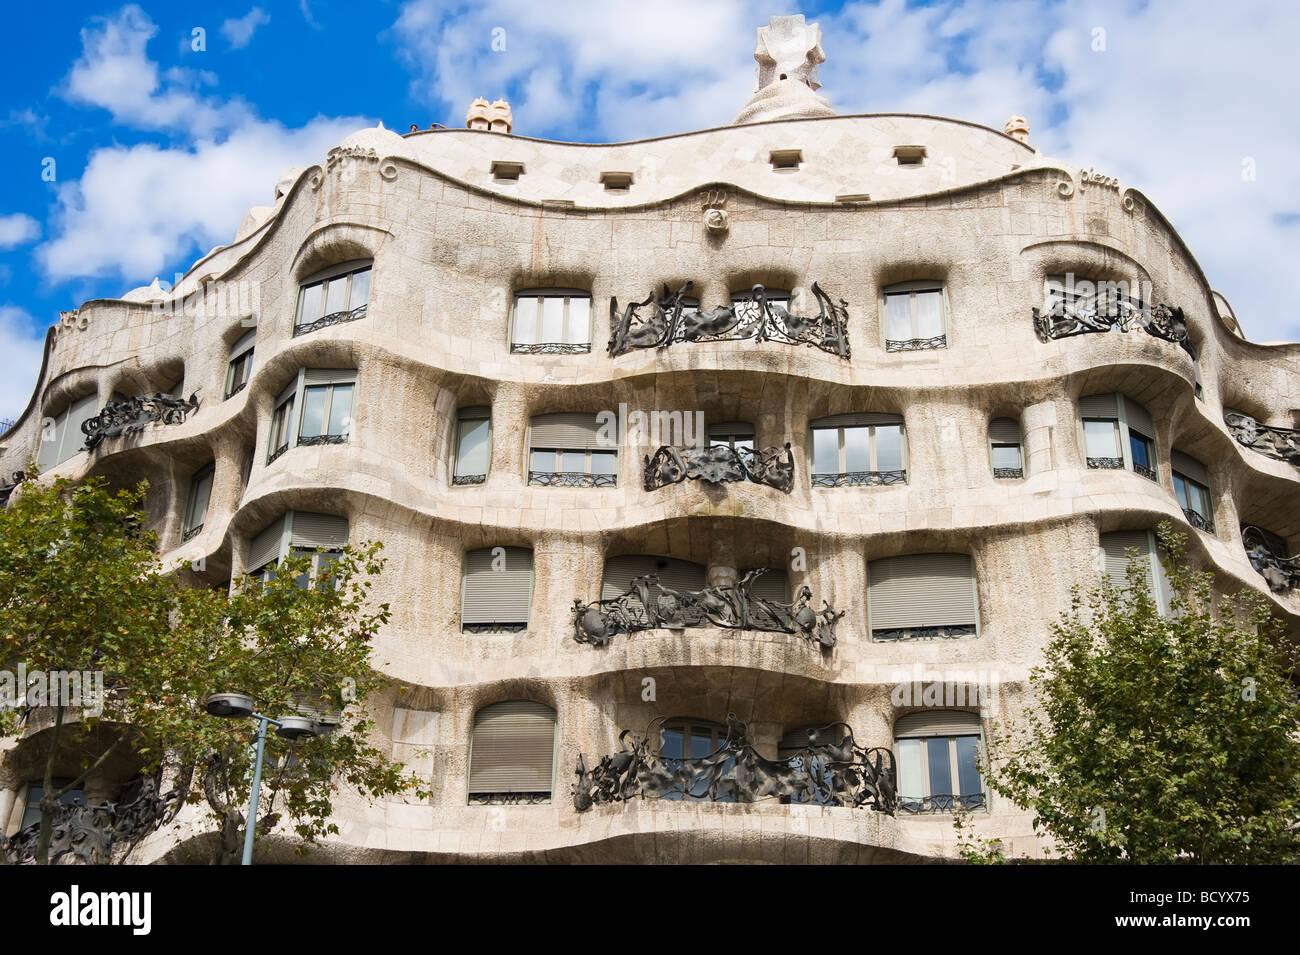 Casa mila or la pedrera patio antonio gaudi architect eixample stock photo 25199529 alamy - Casa la pedrera gaudi ...